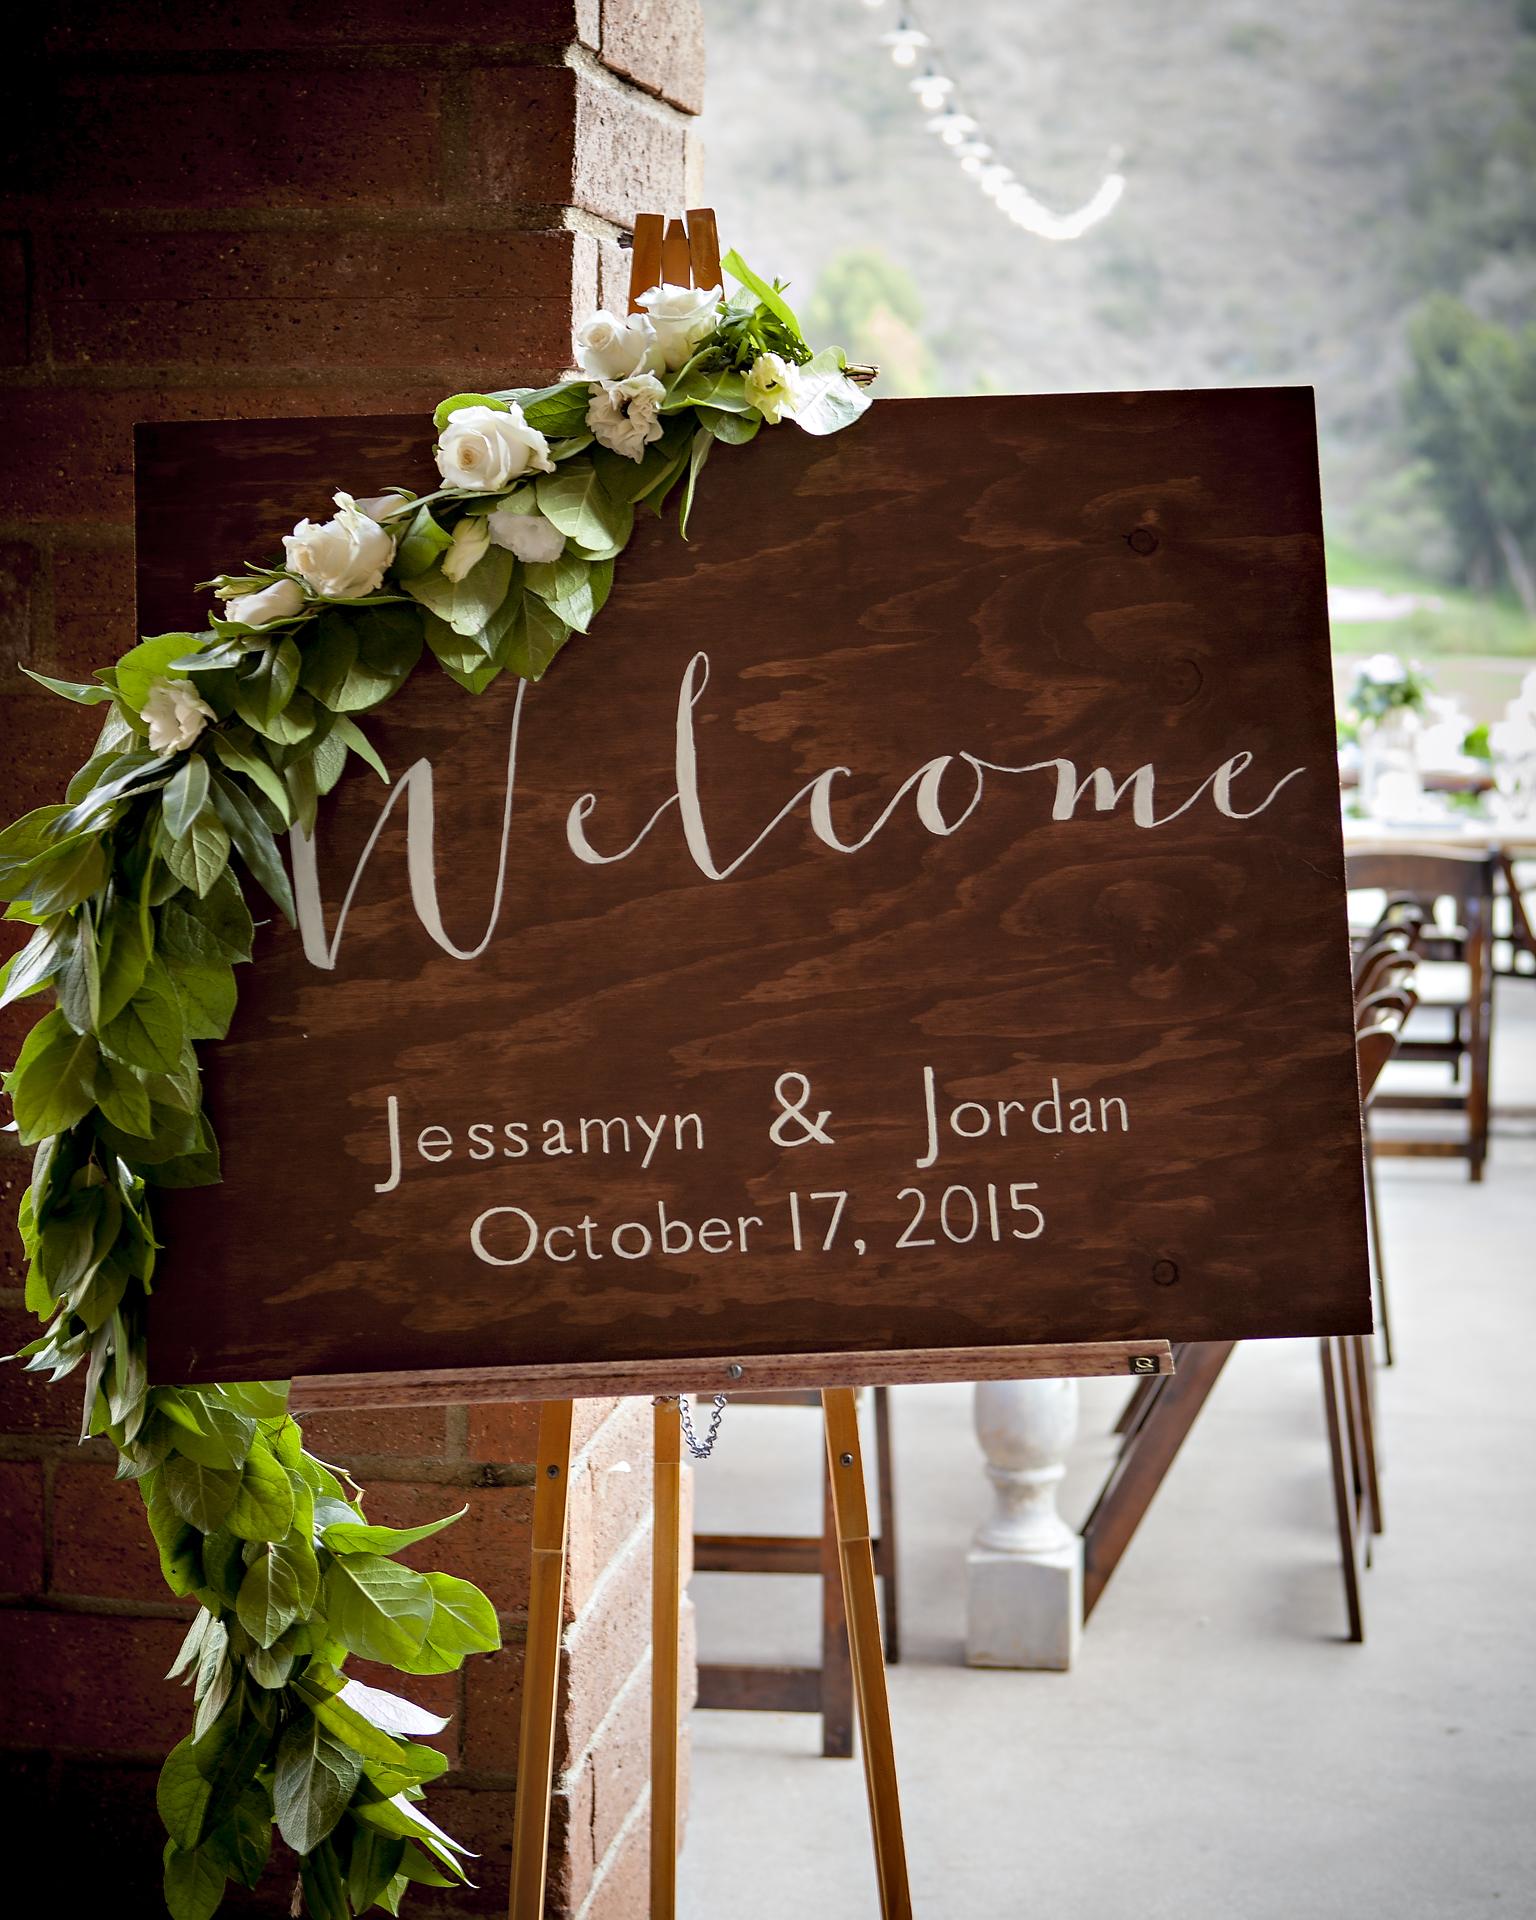 Jessamyn welcome sign.jpg